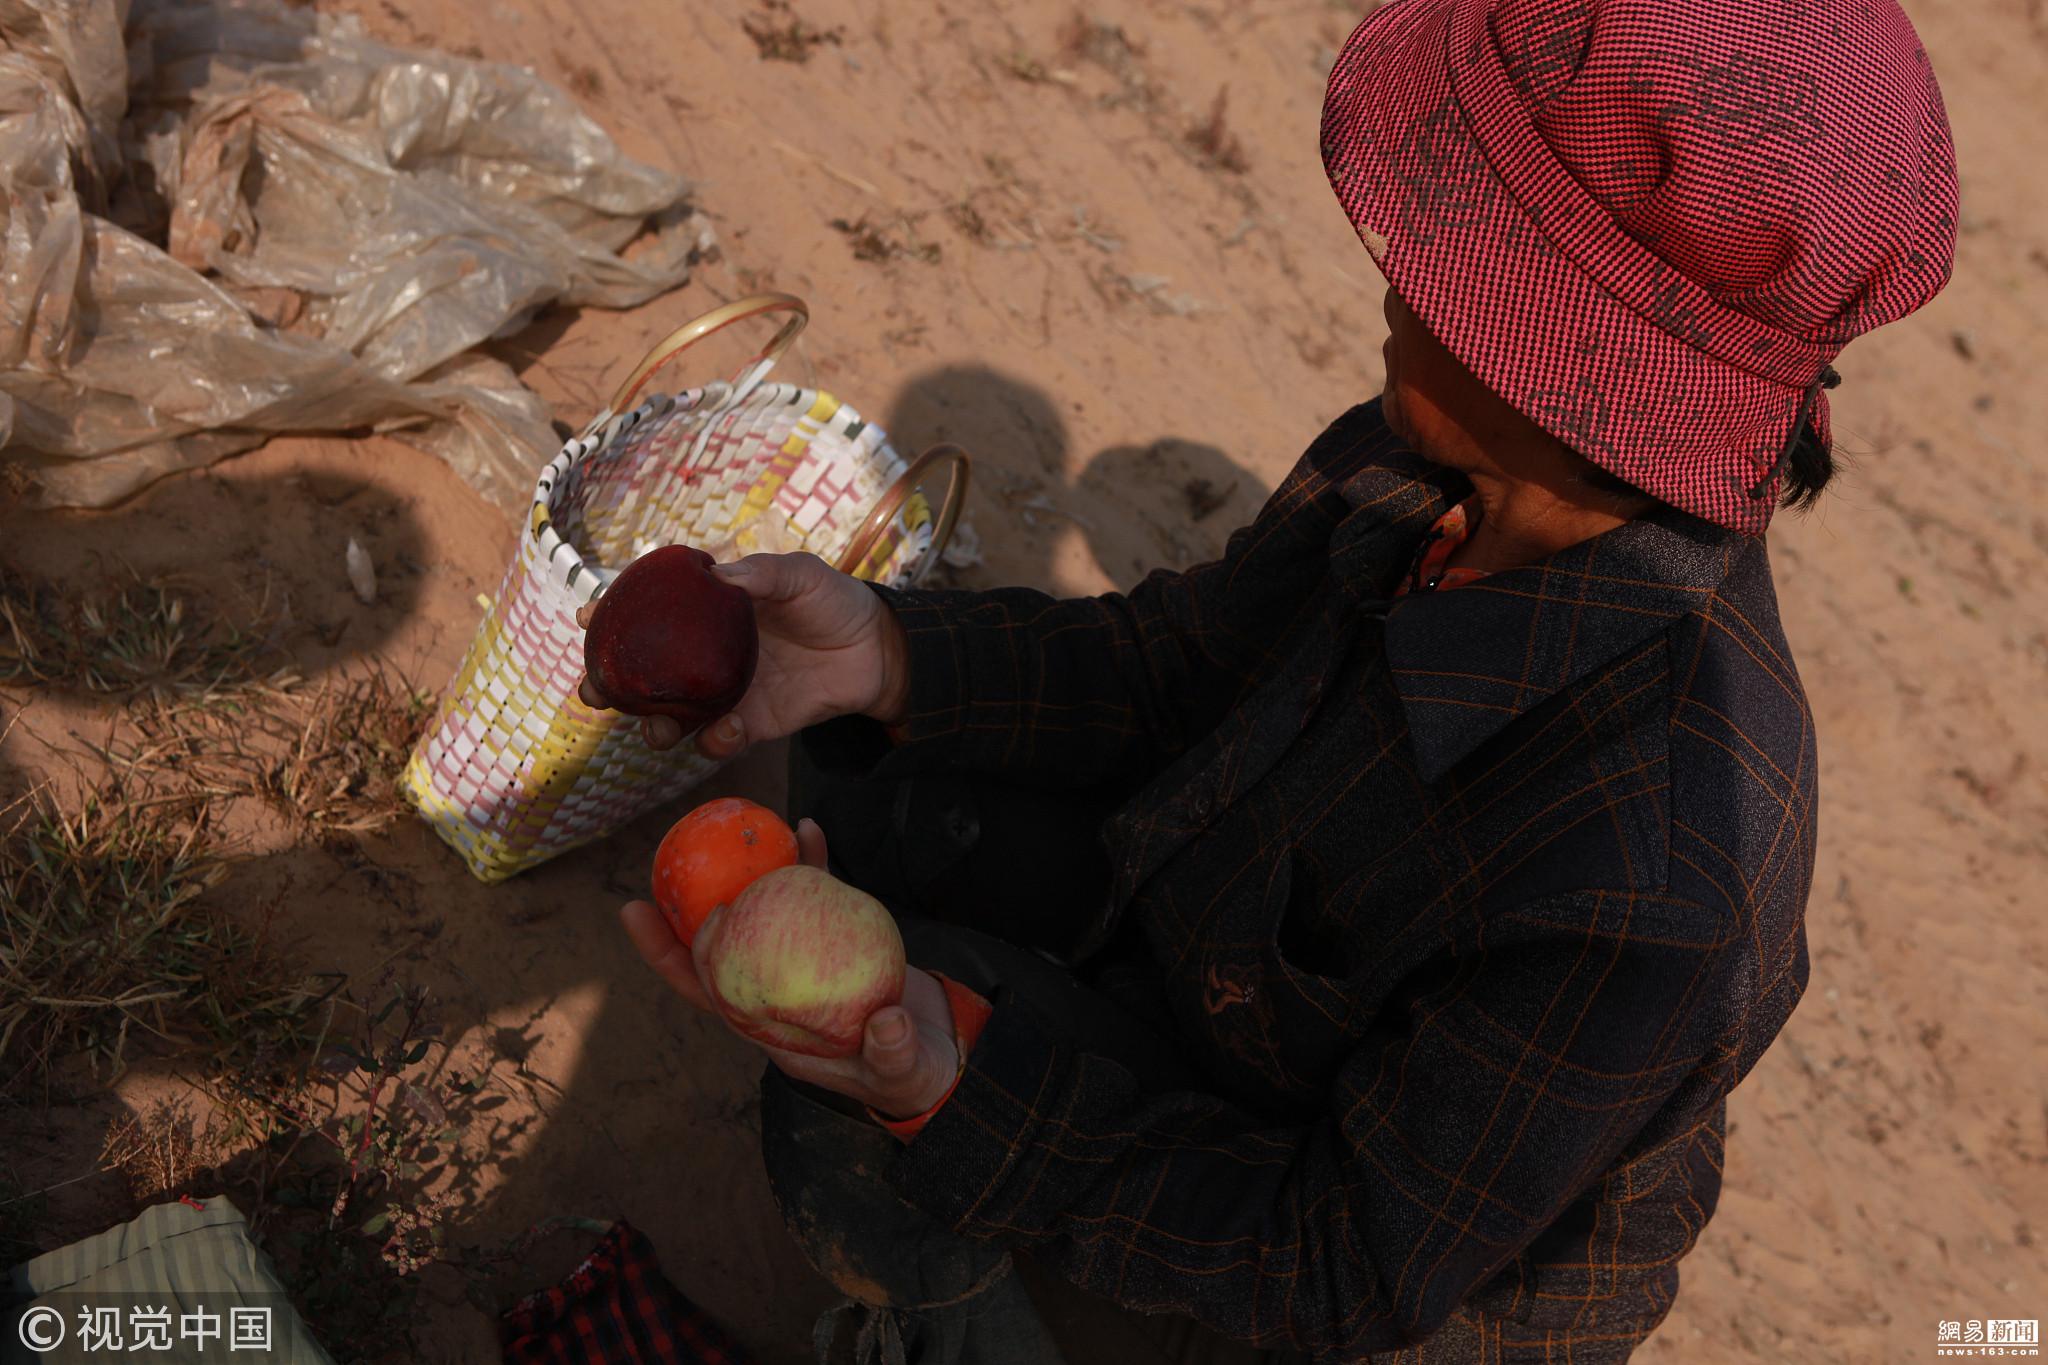 六旬大妈卖苦力挖山药 日收入仅100元 - 周公乐 - xinhua8848 的博客